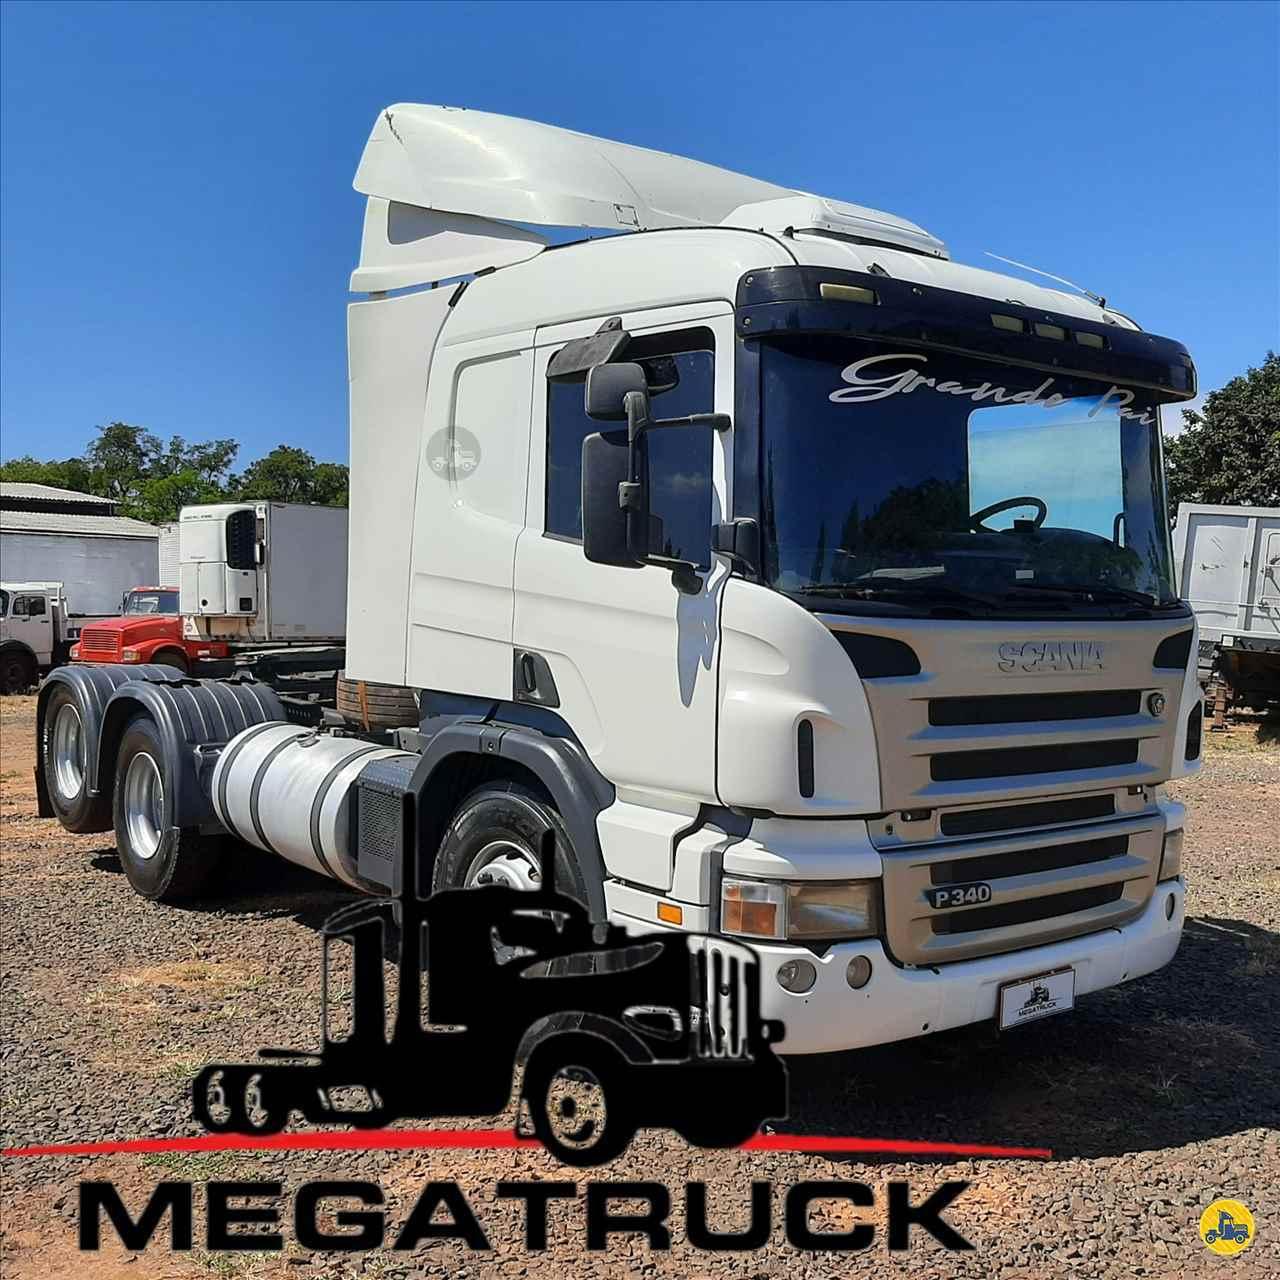 CAMINHAO SCANIA SCANIA P340 Cavalo Mecânico Truck 6x2 Megatruck Caminhões e Máquinas CAMPO GRANDE MATO GROSSO DO SUL MS